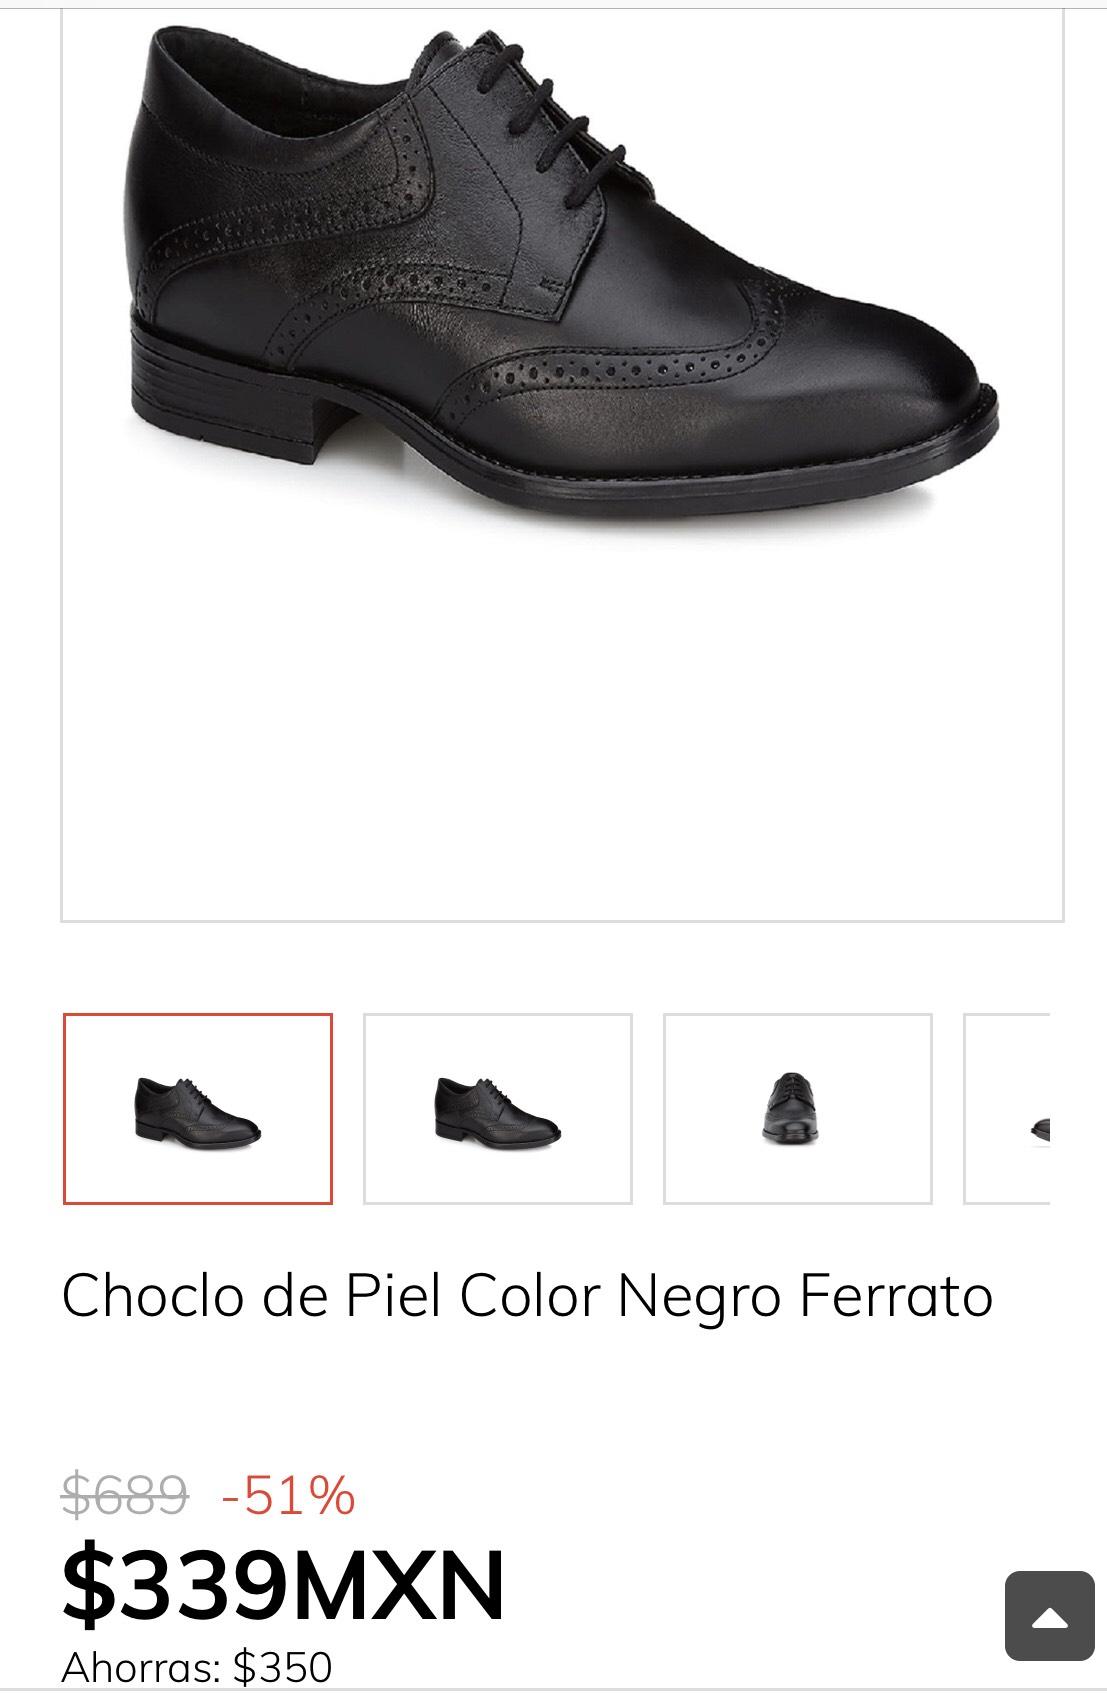 Claro Shop: Choclo de Piel Color Negro Ferrato